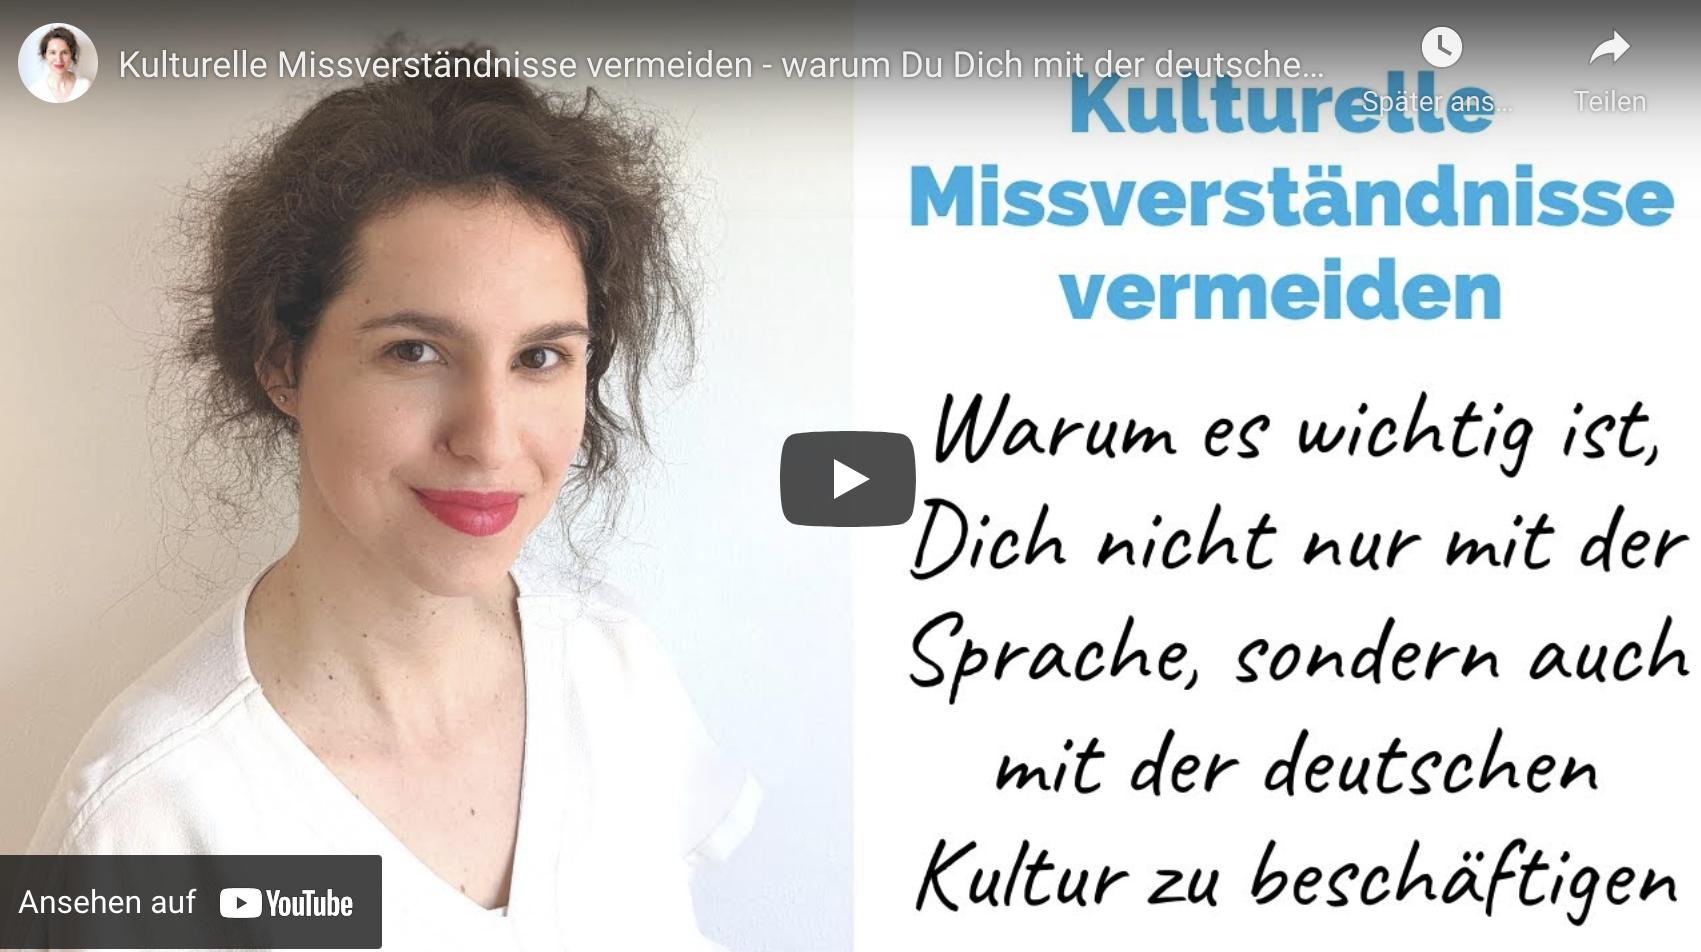 Kulturelle Missverständnisse vermeiden – warum Du Dich mit der deutschen Kultur beschäftigen musst